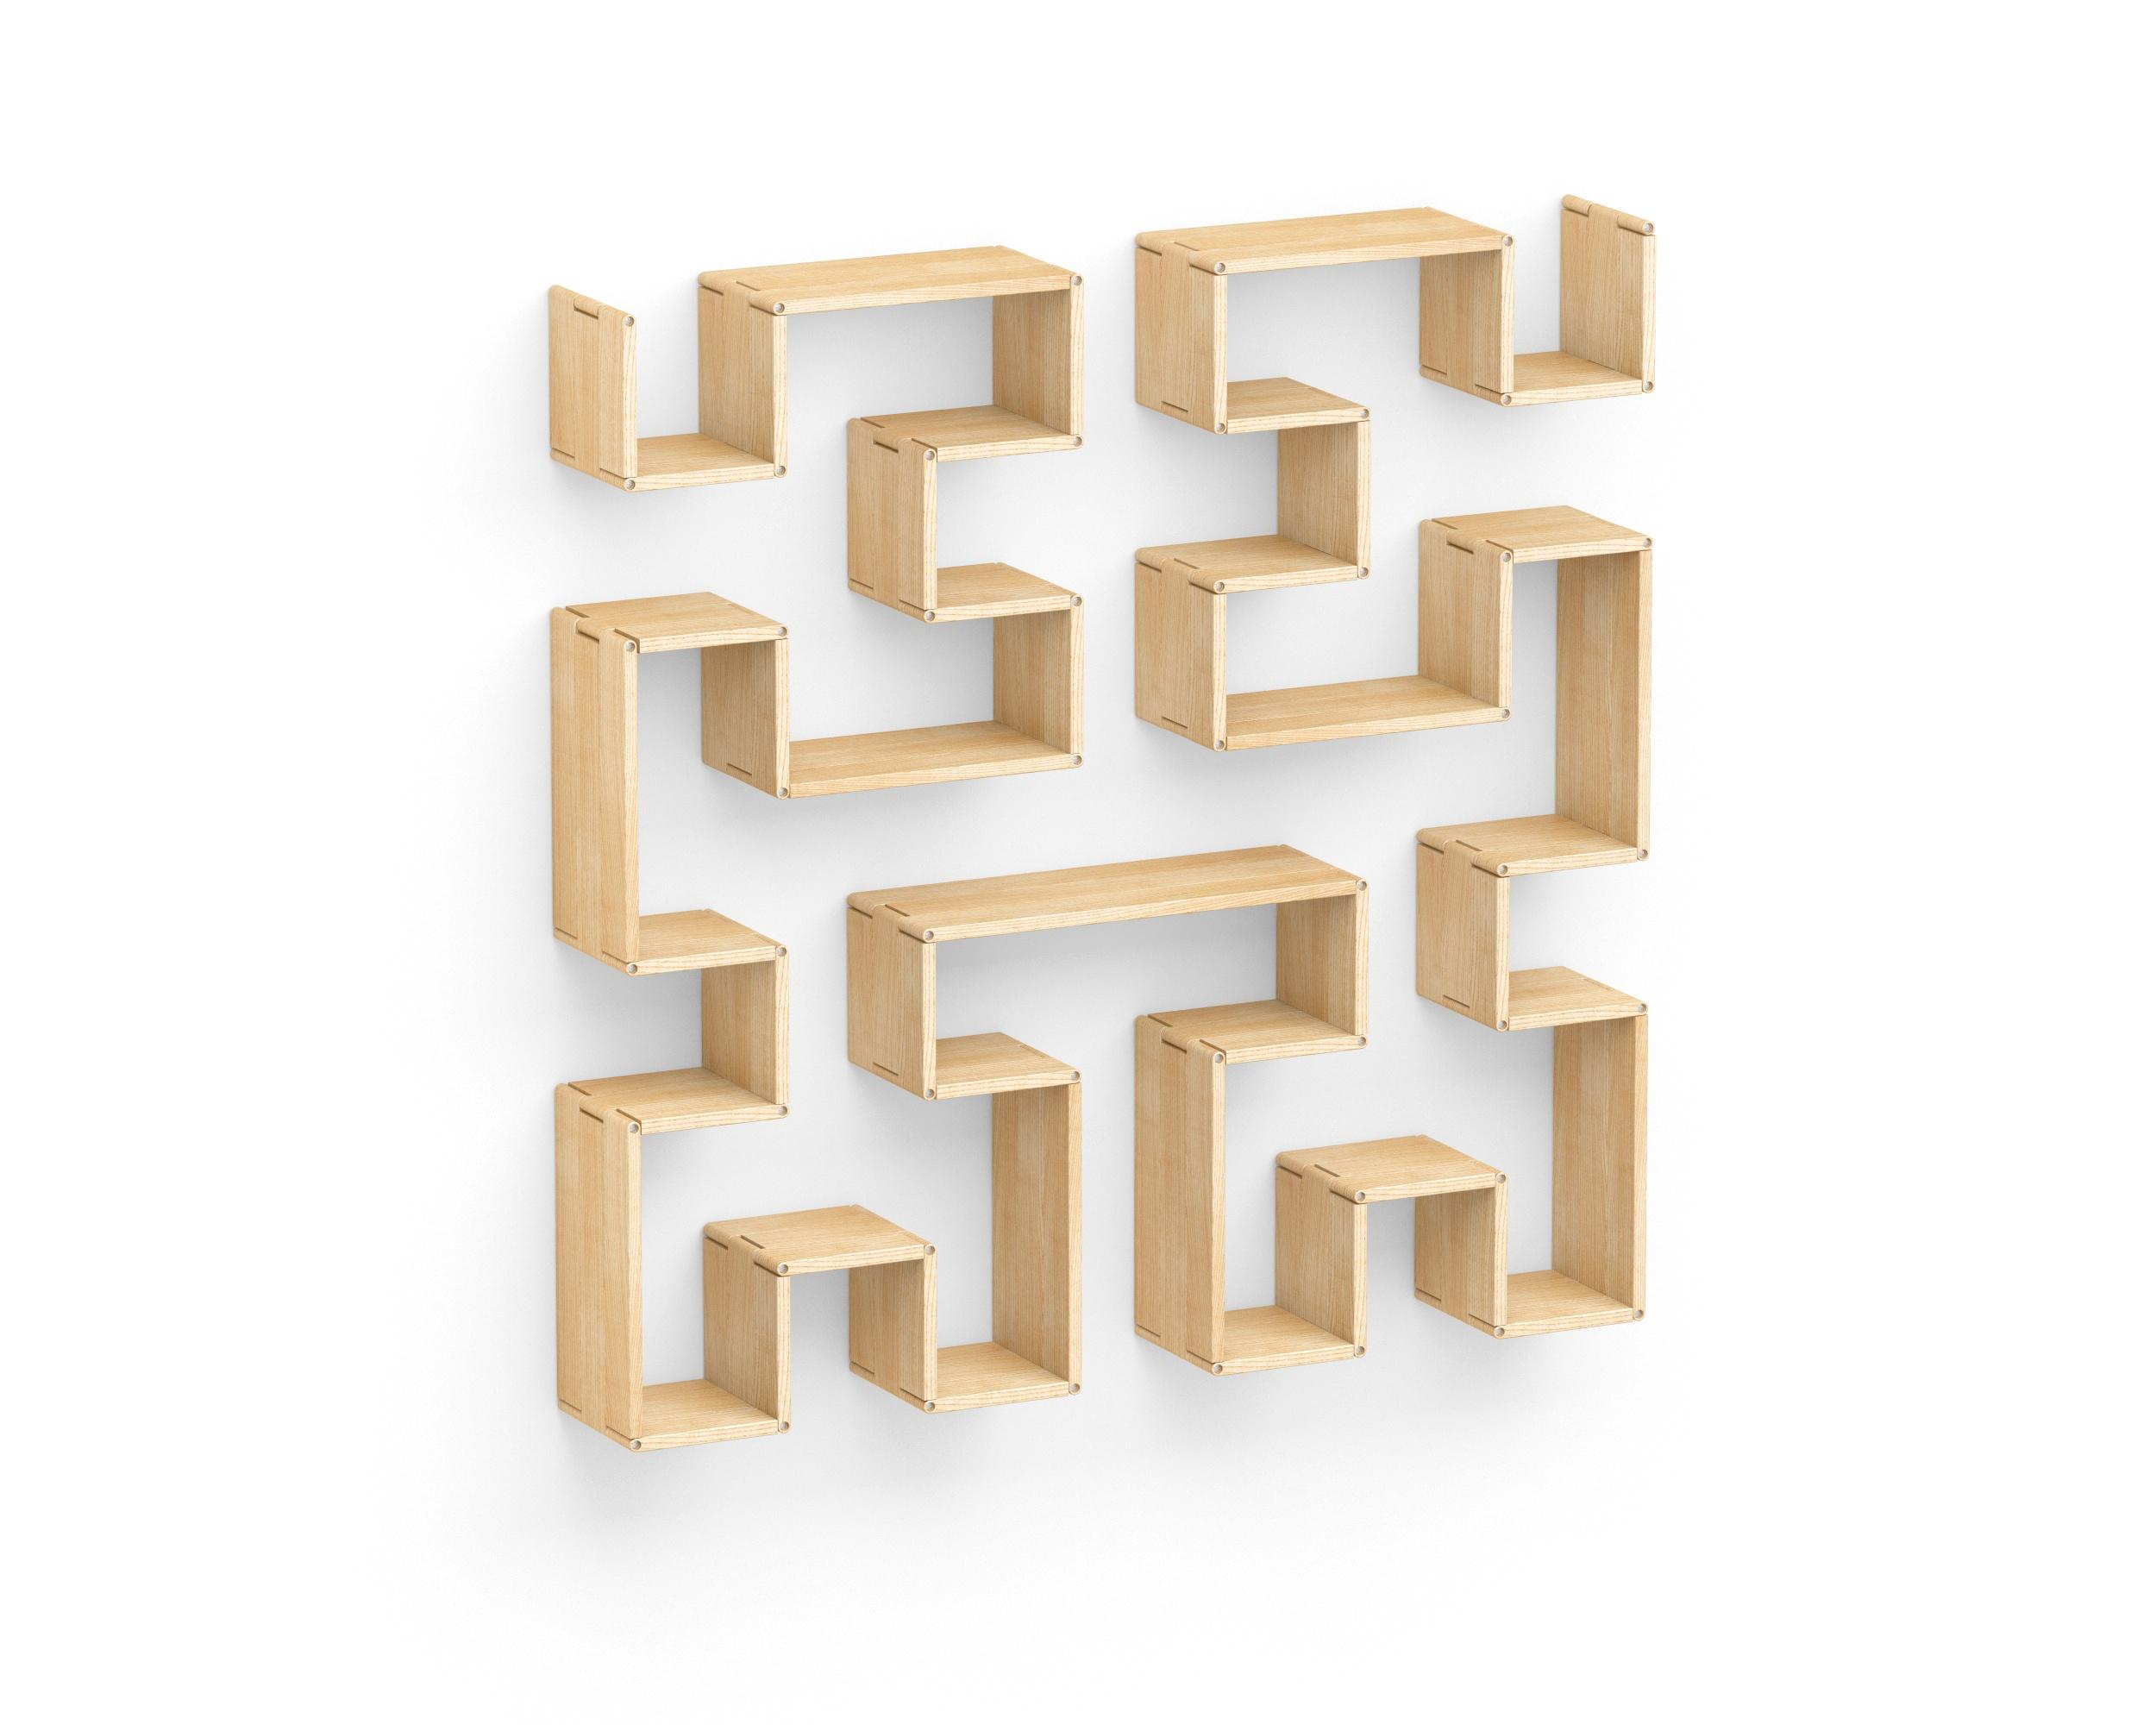 Полка-конструктор LATITUDE Flex Shelf set 175Полки<br>&amp;quot;Latitude Flex Shelf Set 175&amp;quot; ? полка-трансформер, которая произведет впечатление на любителей оригинальных пропорций и головоломок. Именно этот комплект деревянных деталей отлично подходит для составления уникального настенного лабиринта. В его витиеватых проходах кроется очарование современного стиля, наполненного эклектичной элегантностью и натуральной природной красотой. Хорошо, что эти качества никогда не смогут его покинуть, ведь из него нет выхода...<br><br>Material: Ясень<br>Width см: 142<br>Depth см: 22<br>Height см: 142